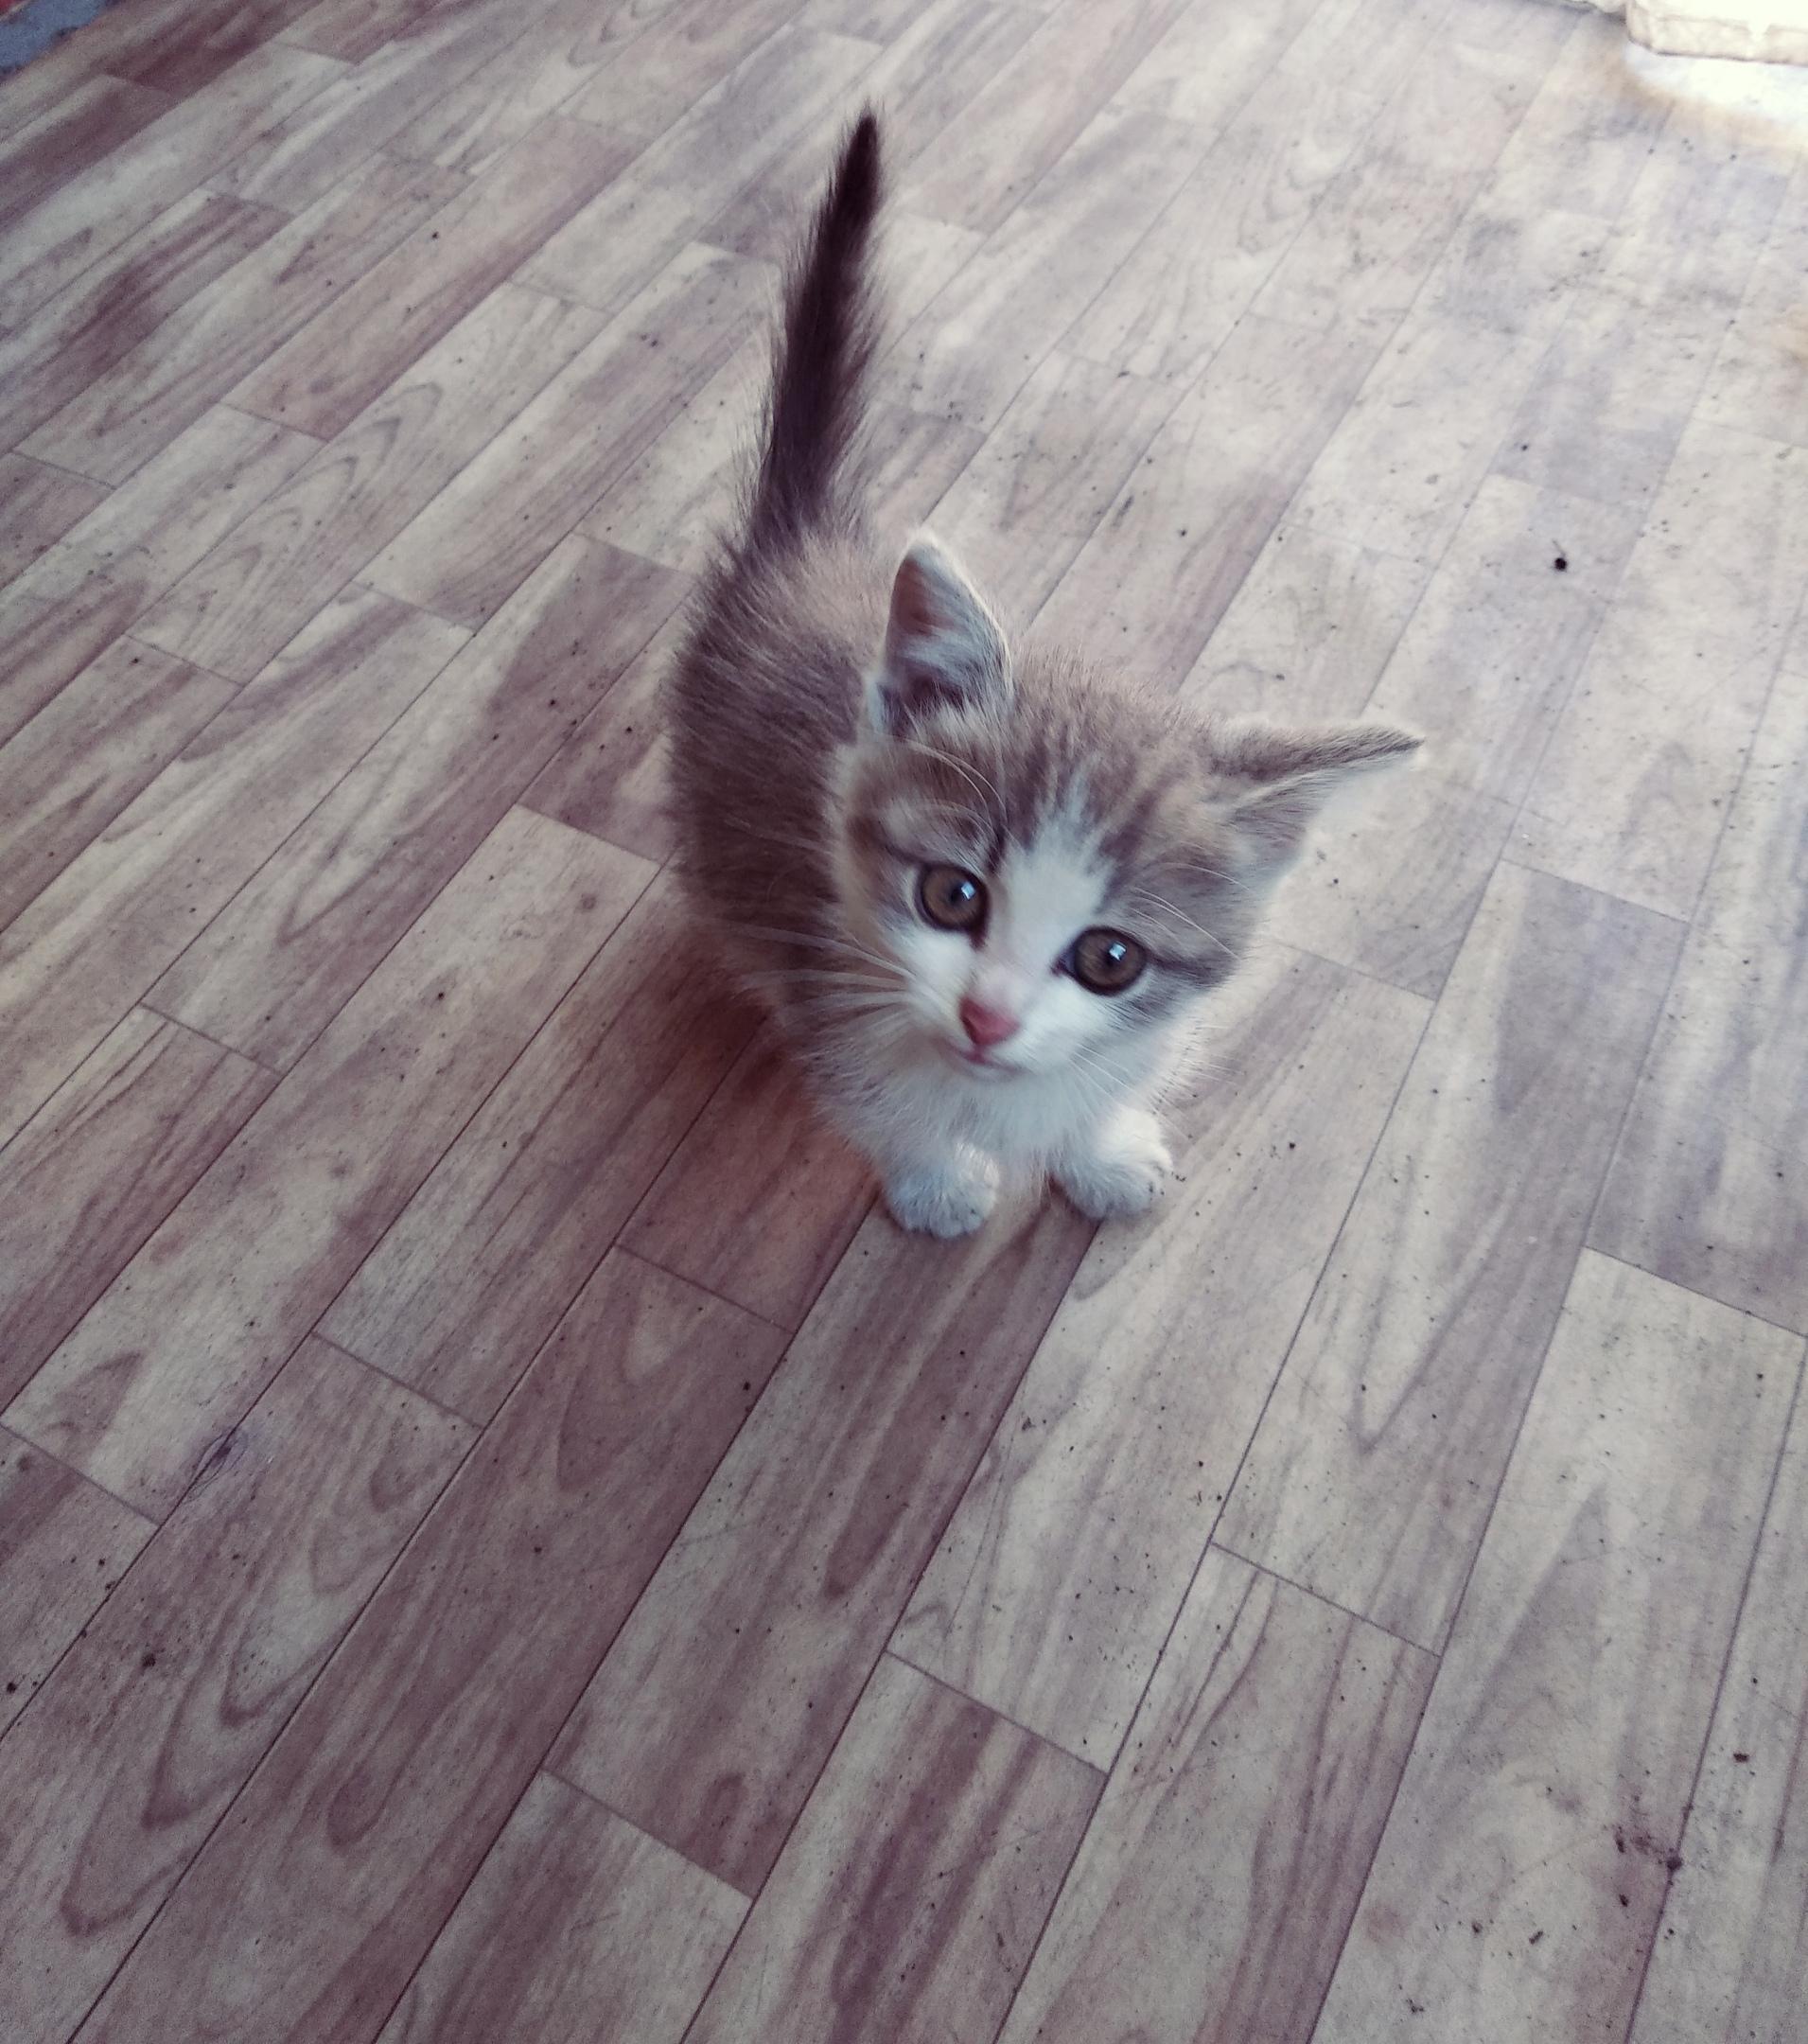 Котенок, мальчик, очень ласковый возраст, около месяца, спасли от собак  Пожалуйста  в хорошие руки ,подарите малышу дом .